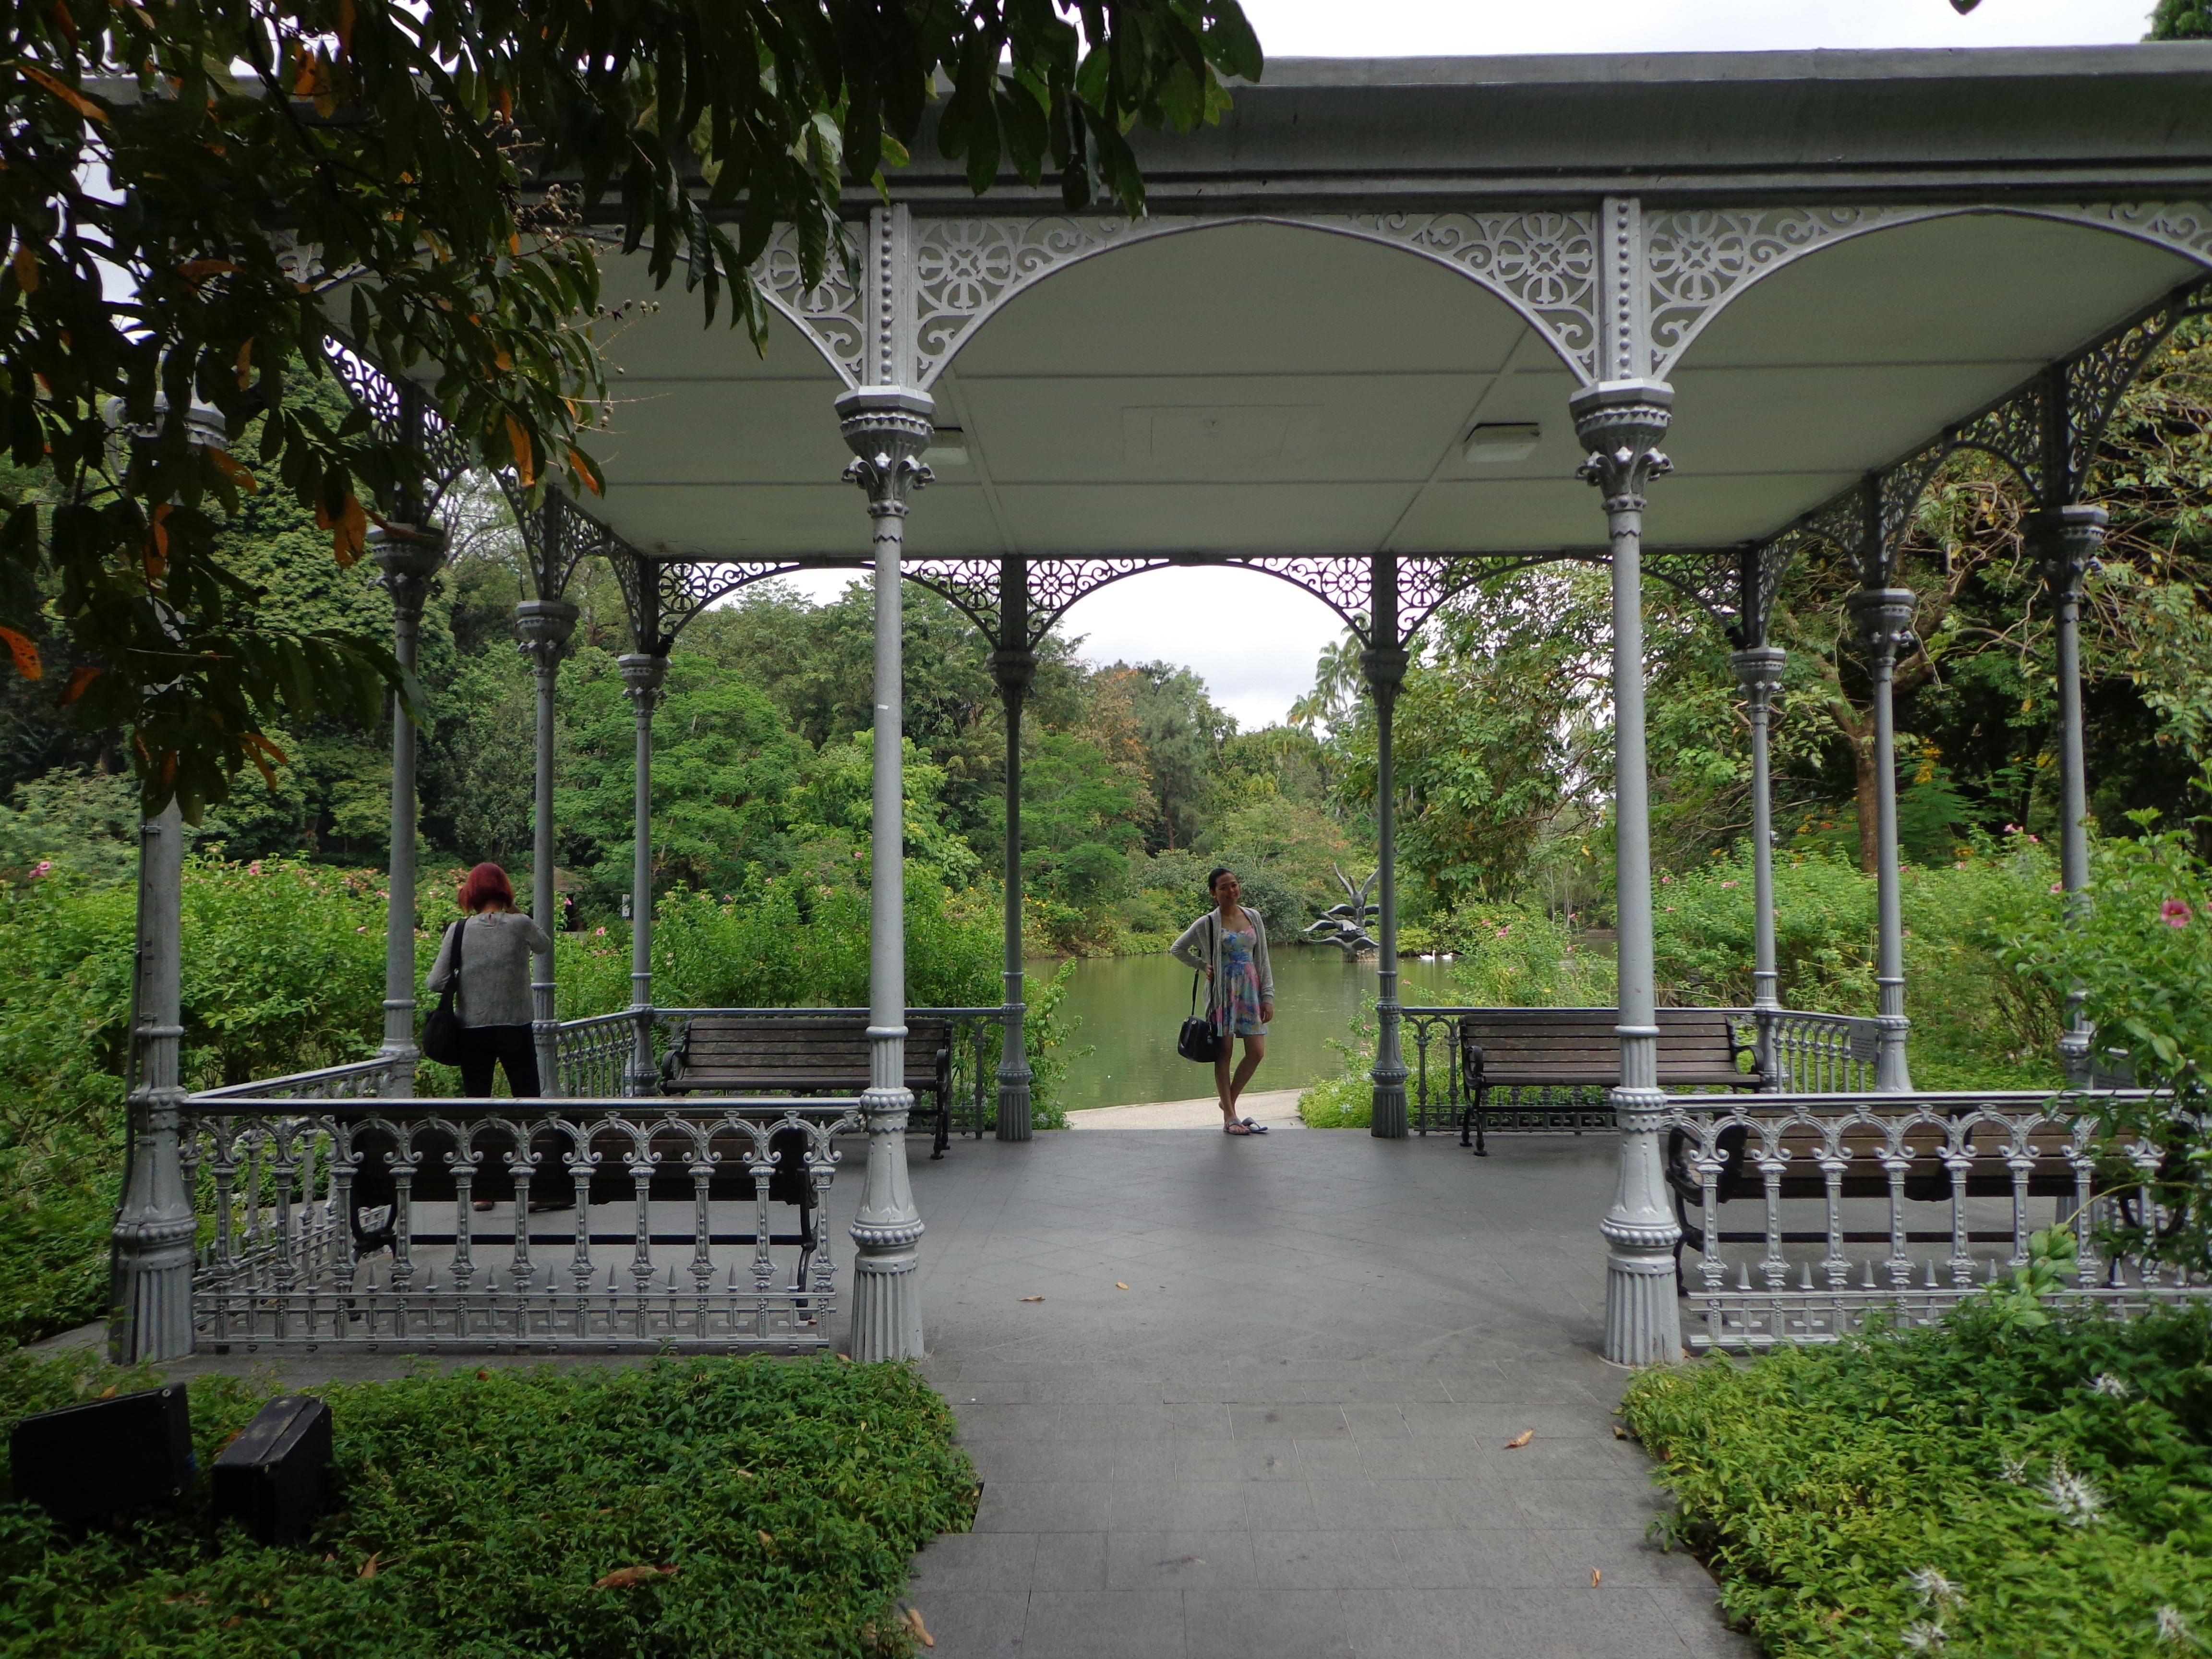 Images Gratuites Porche Arriere Cour Belvedere Jardin Cour